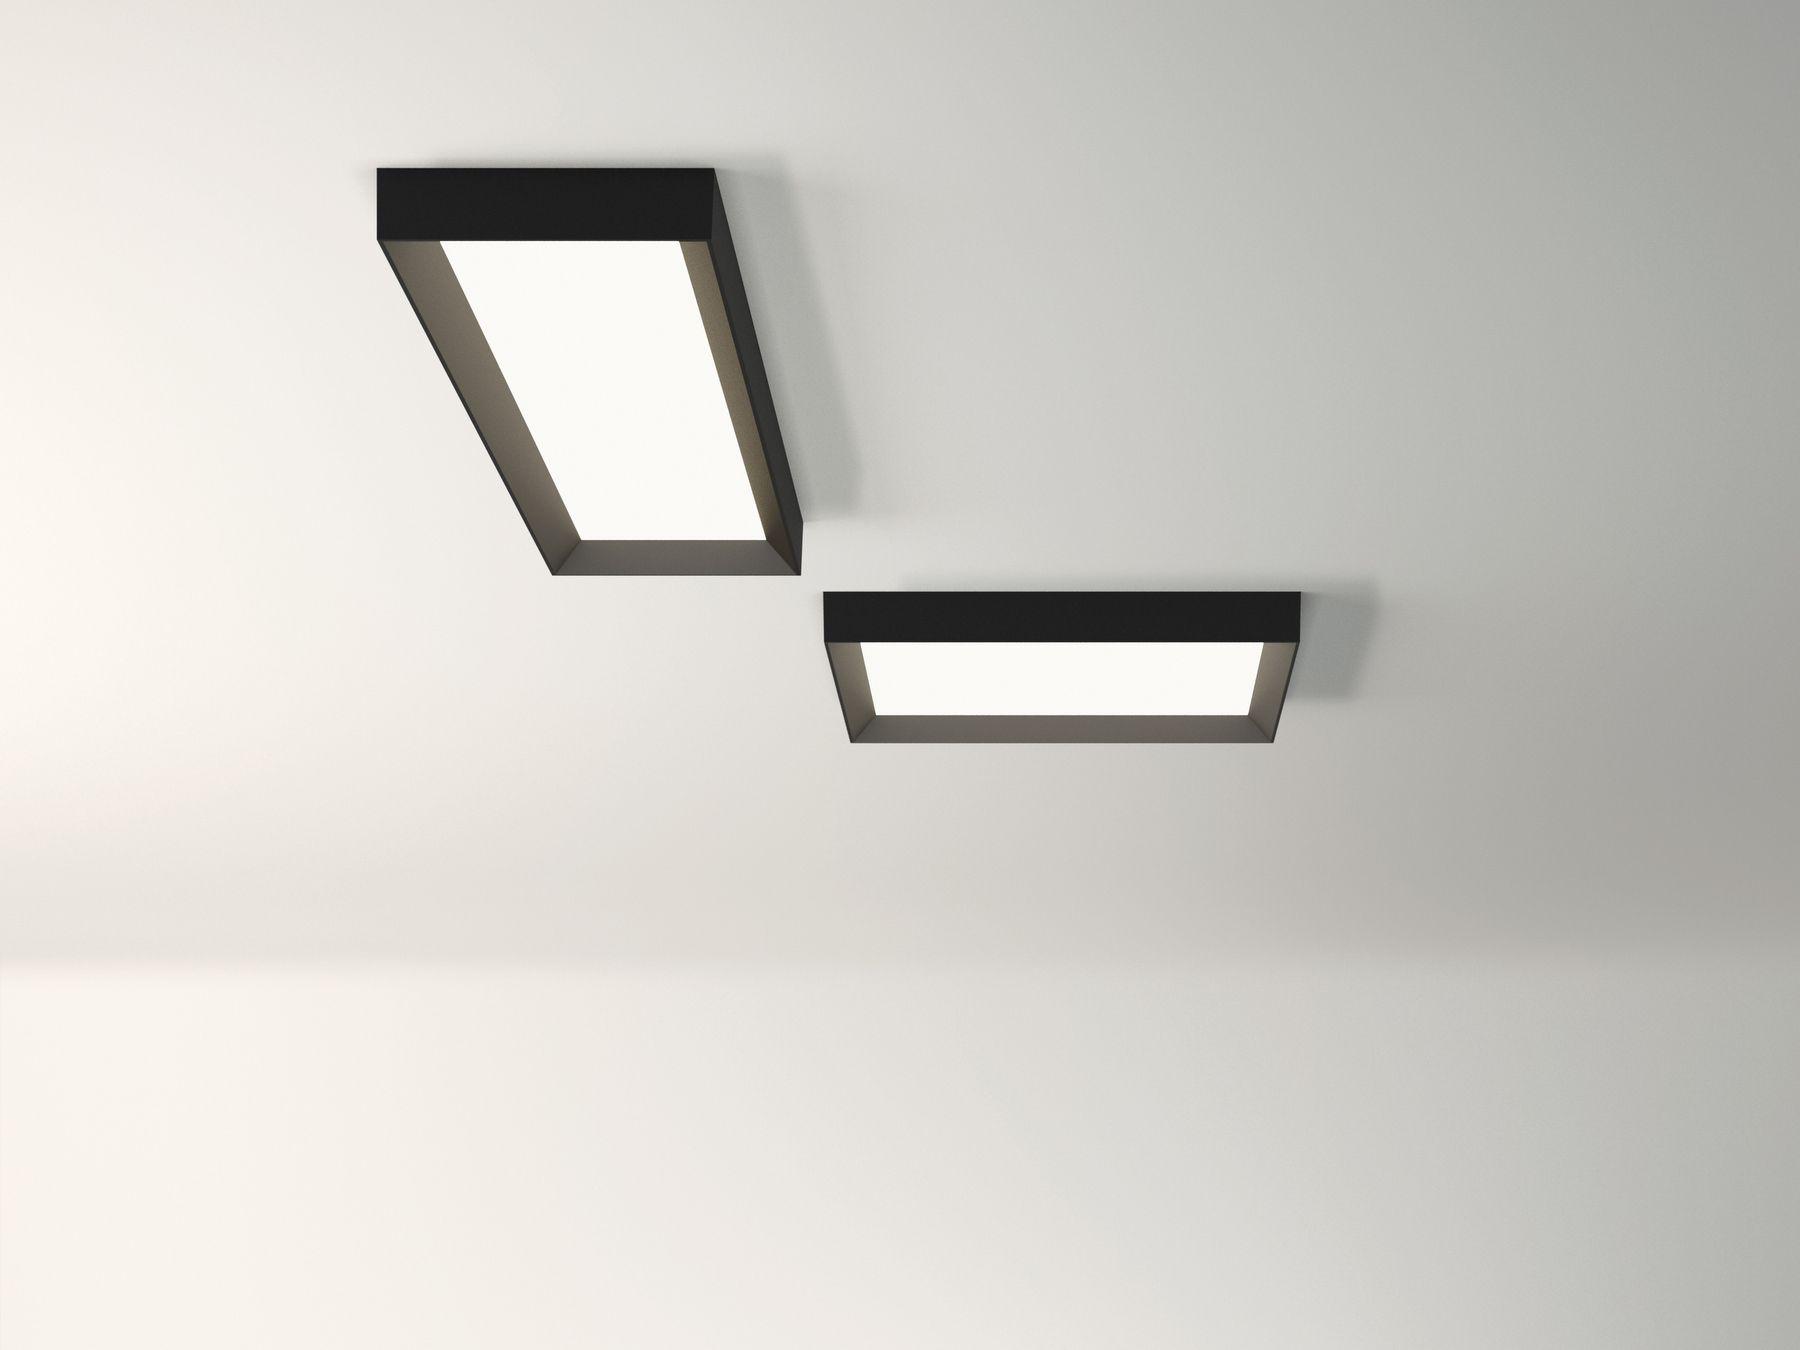 led deckenleuchte up 4452 kollektion up by vibia design. Black Bedroom Furniture Sets. Home Design Ideas